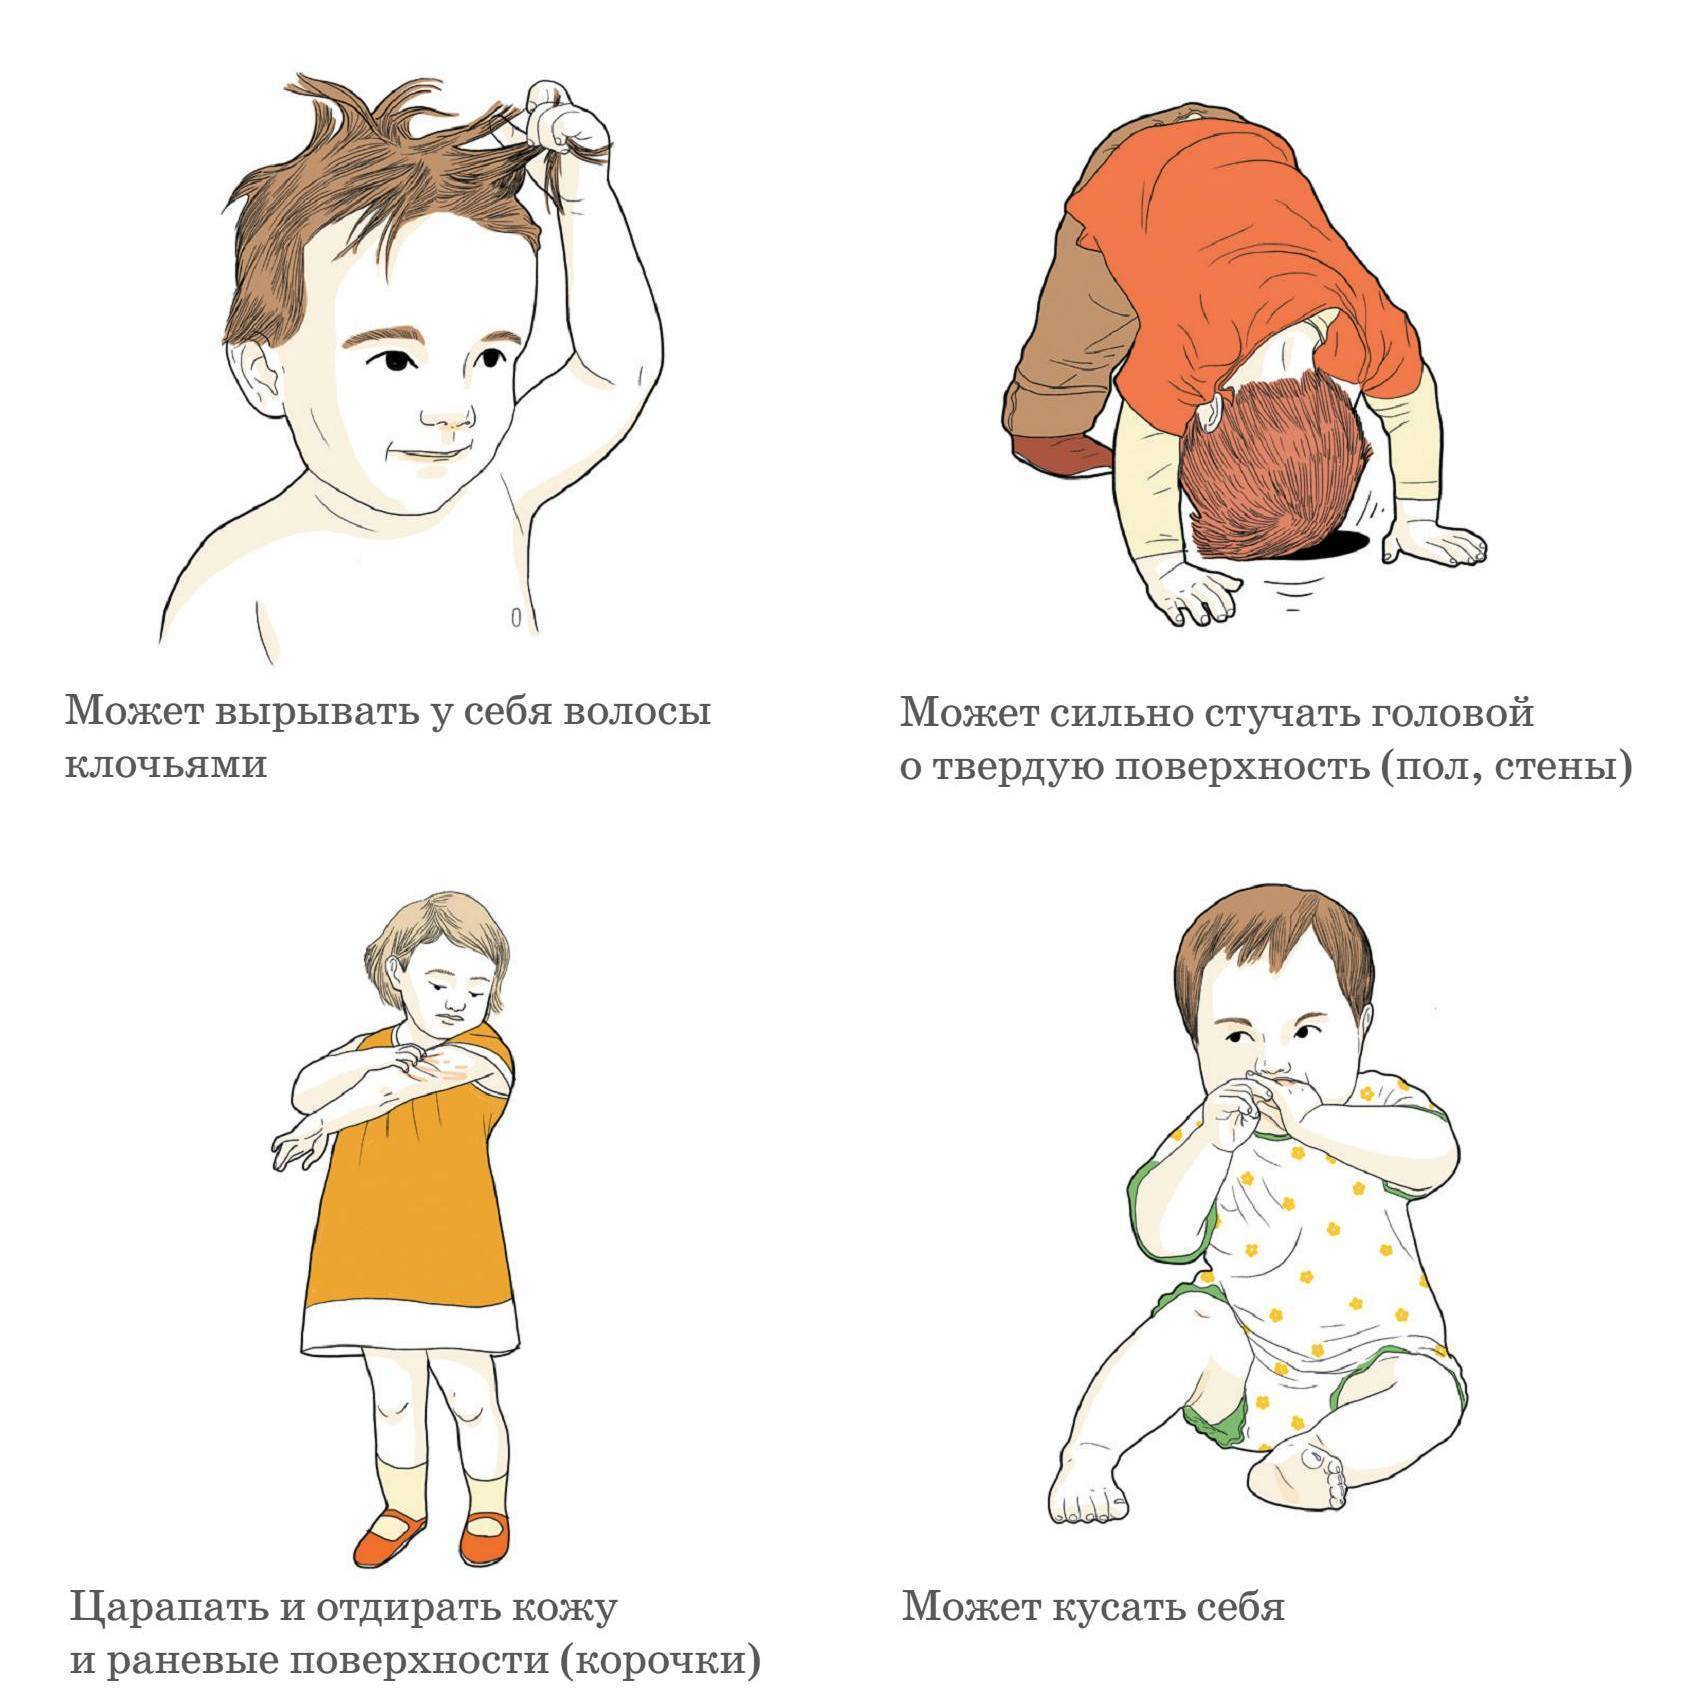 Аутизм у детей – симптомы, лечение, причины, признаки